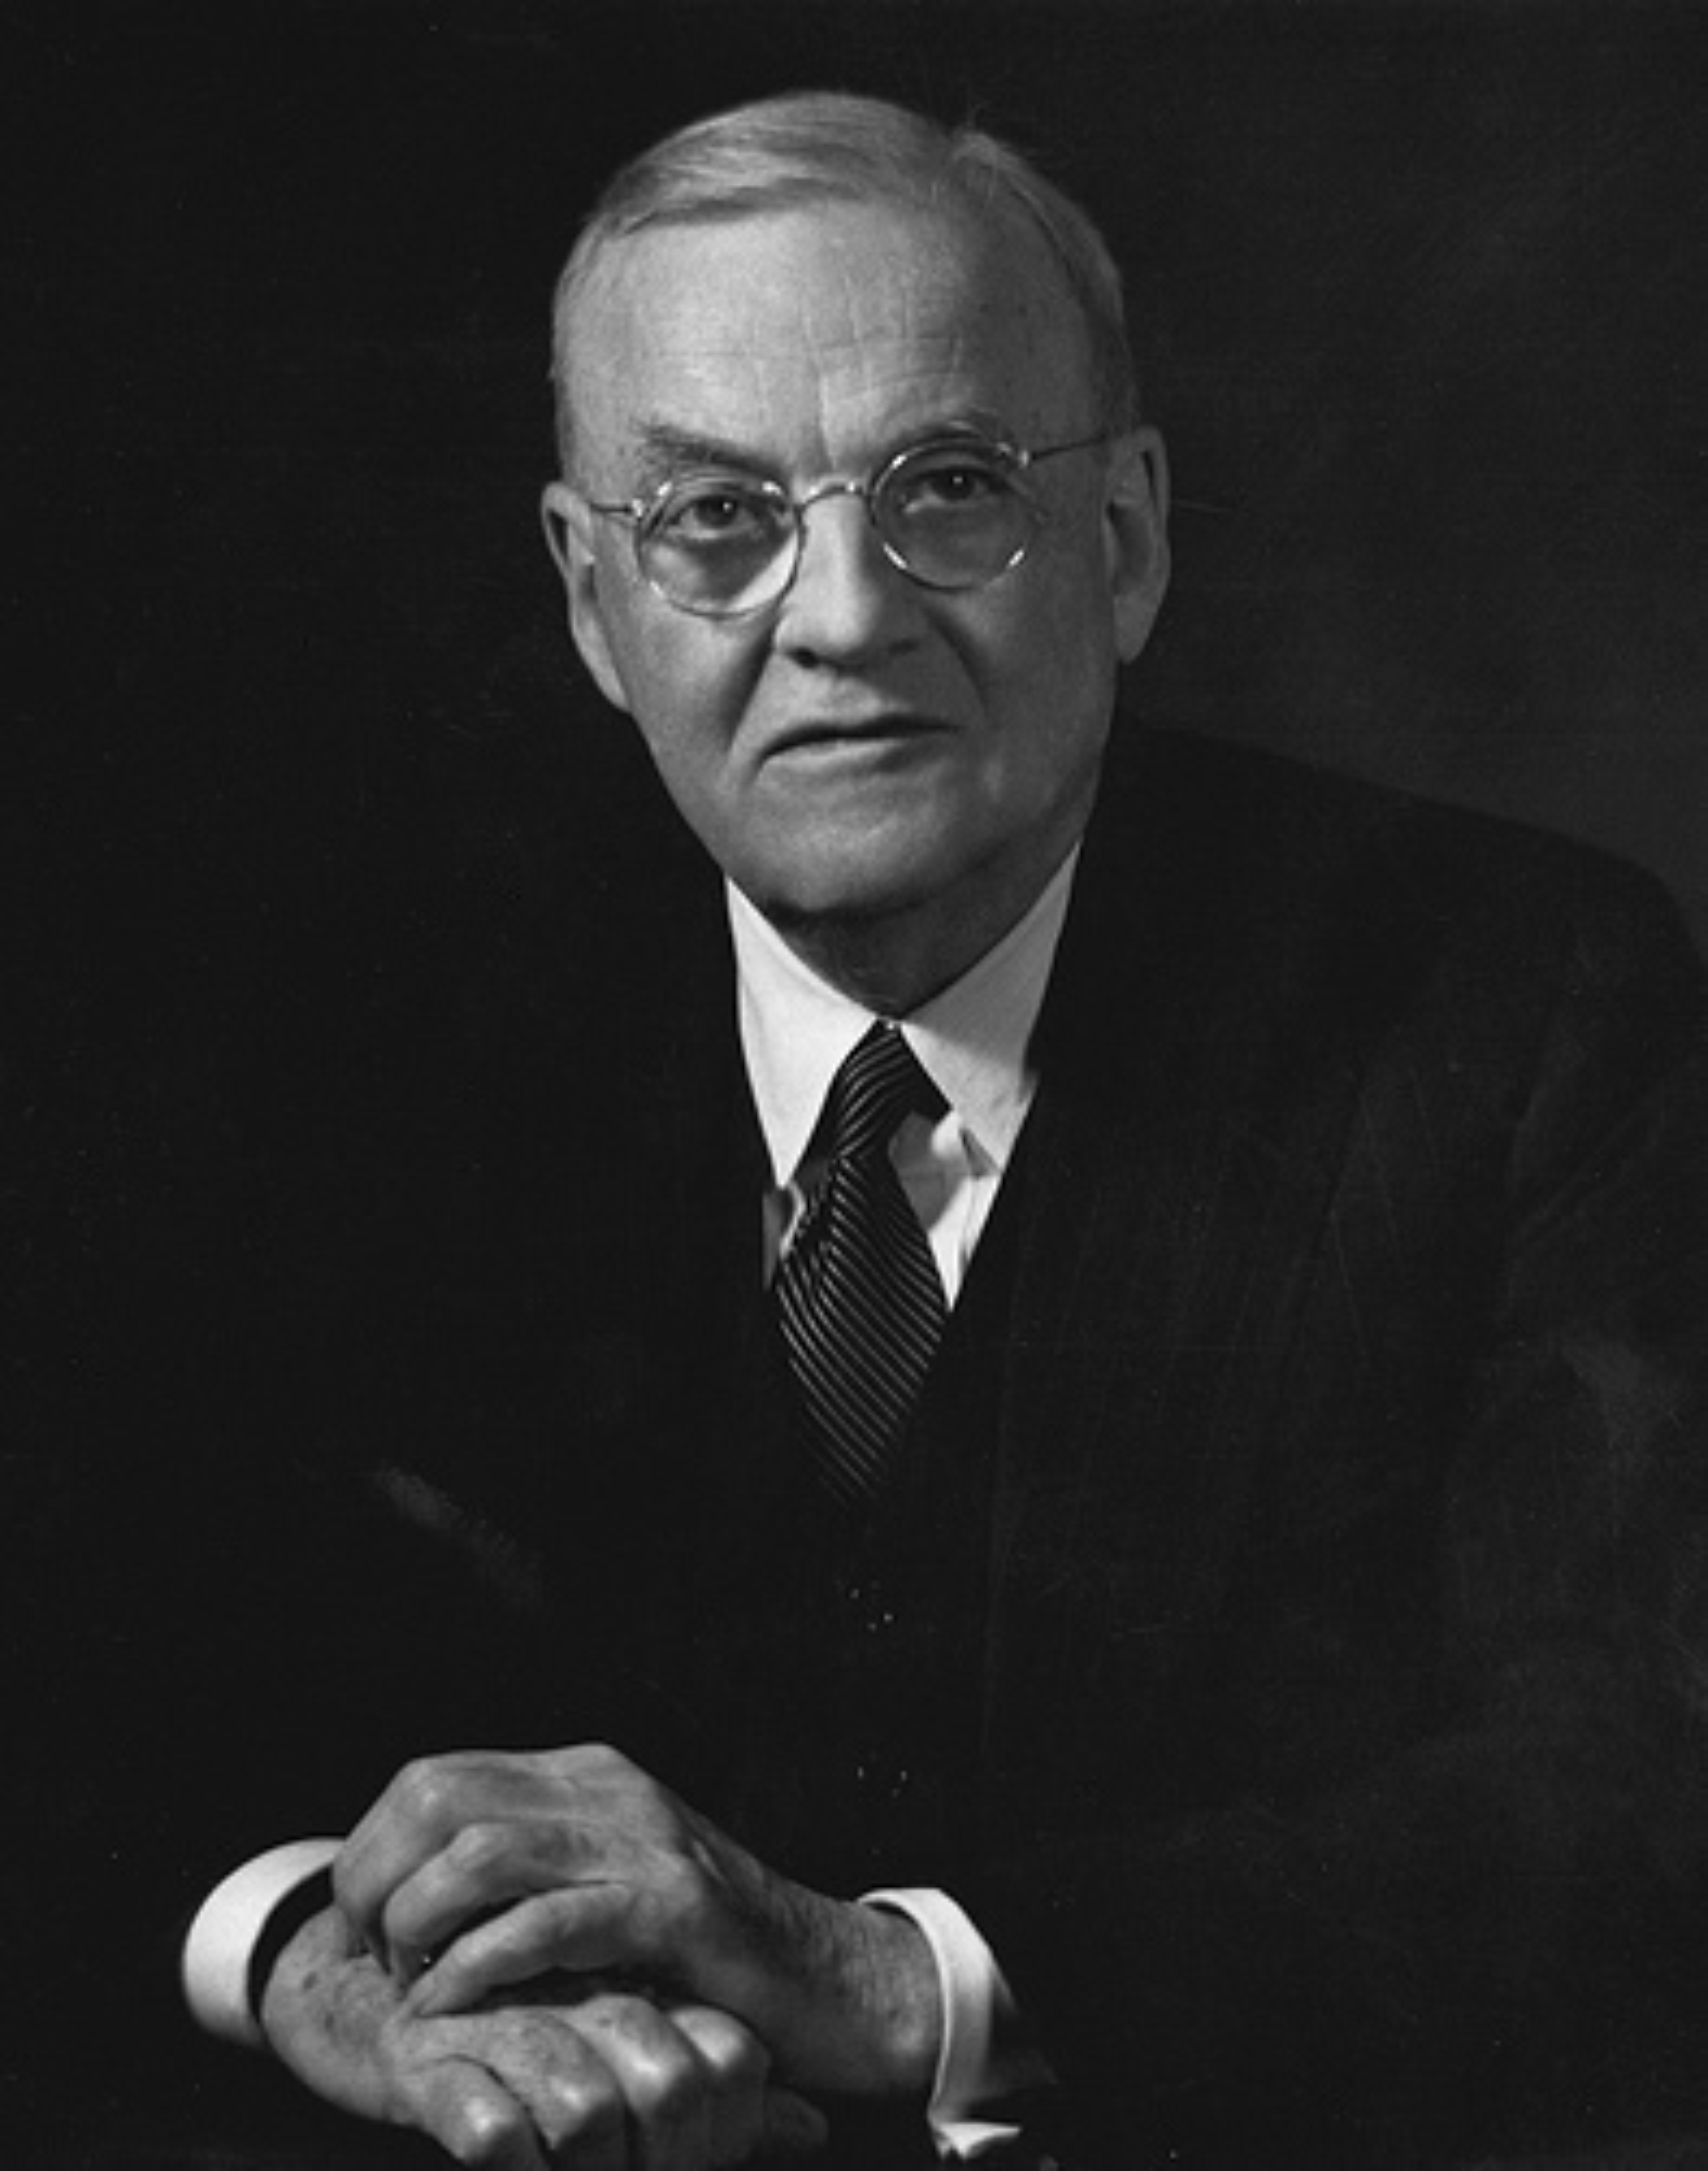 John Eisenhower